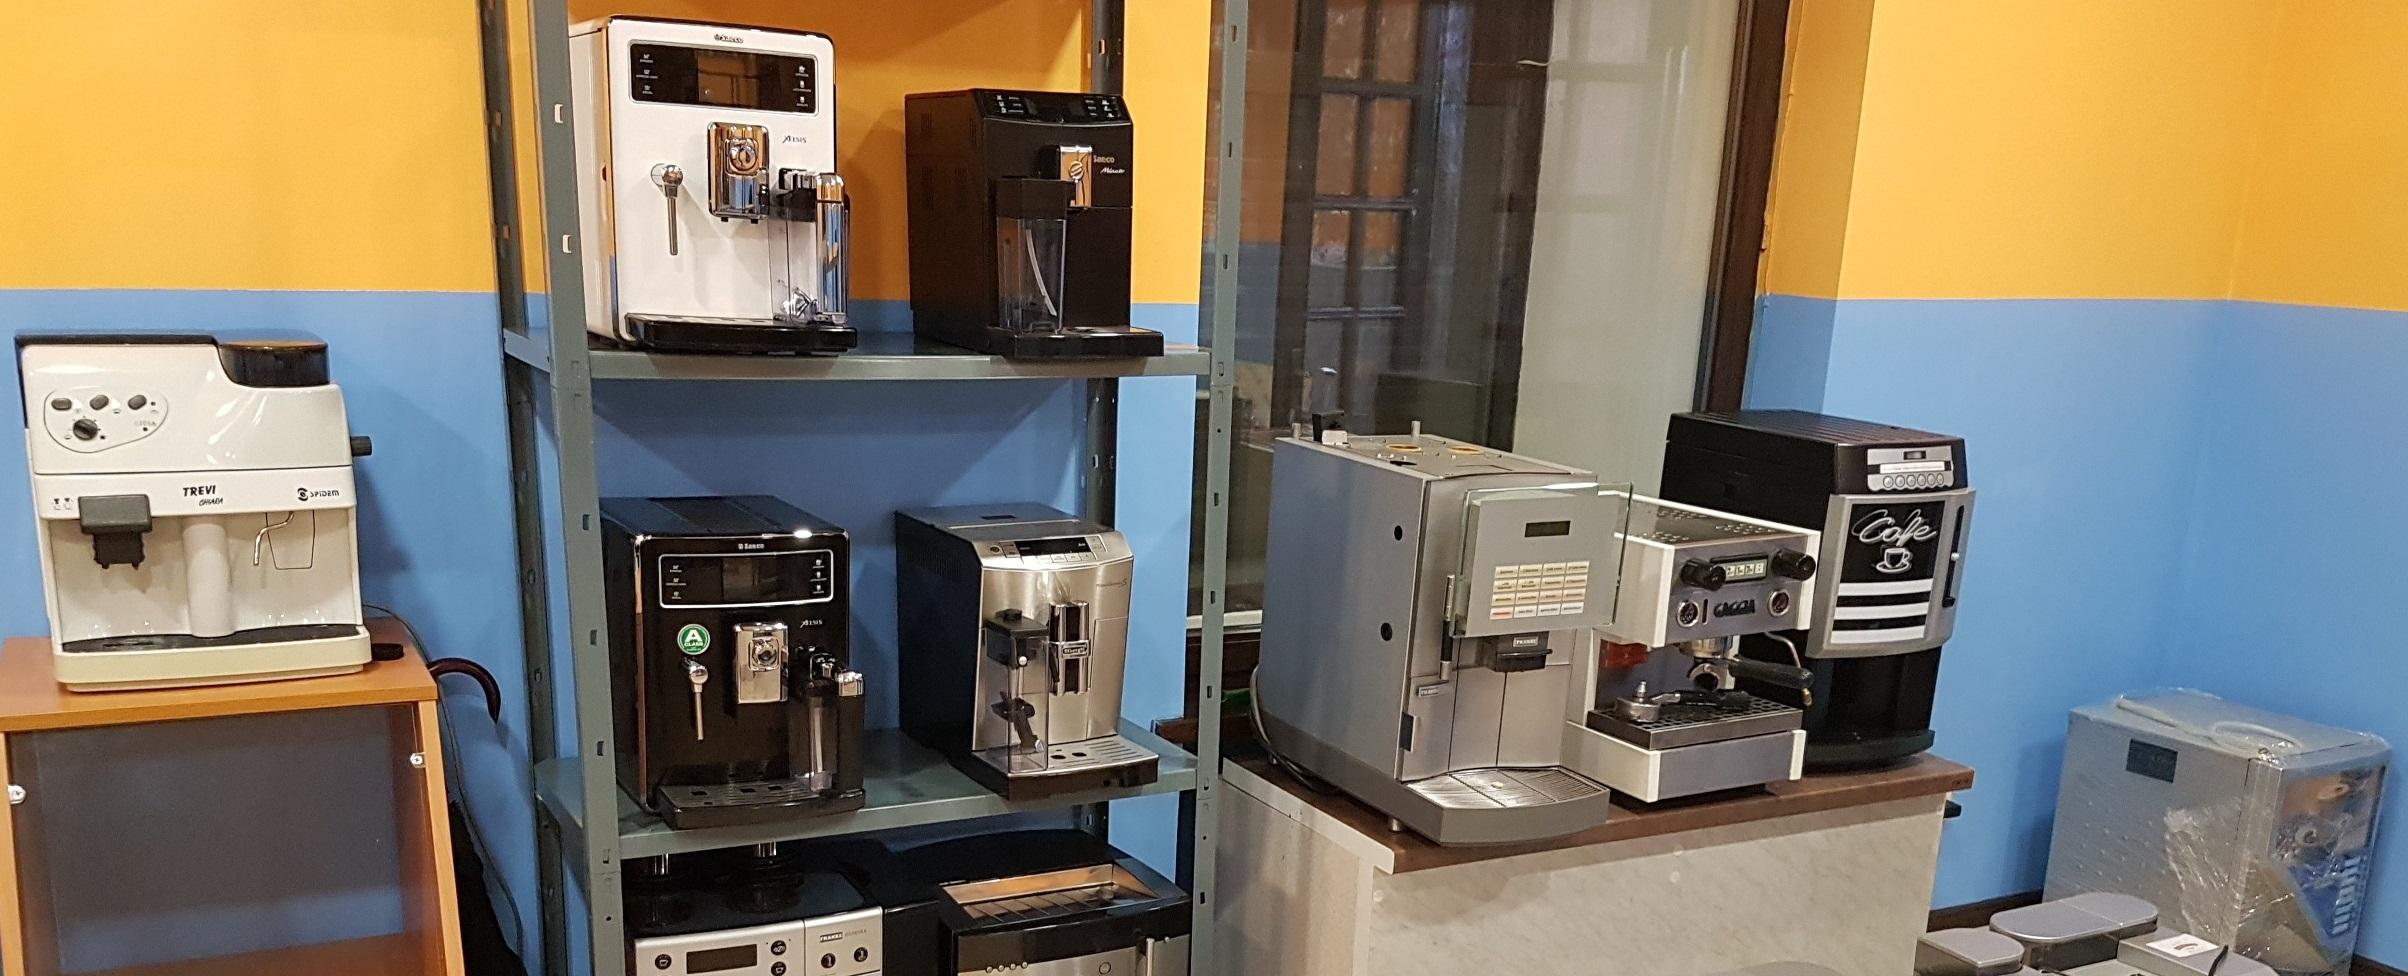 Кофемашины Brayval-Coffee - выгодная аренда кофейного оборудования